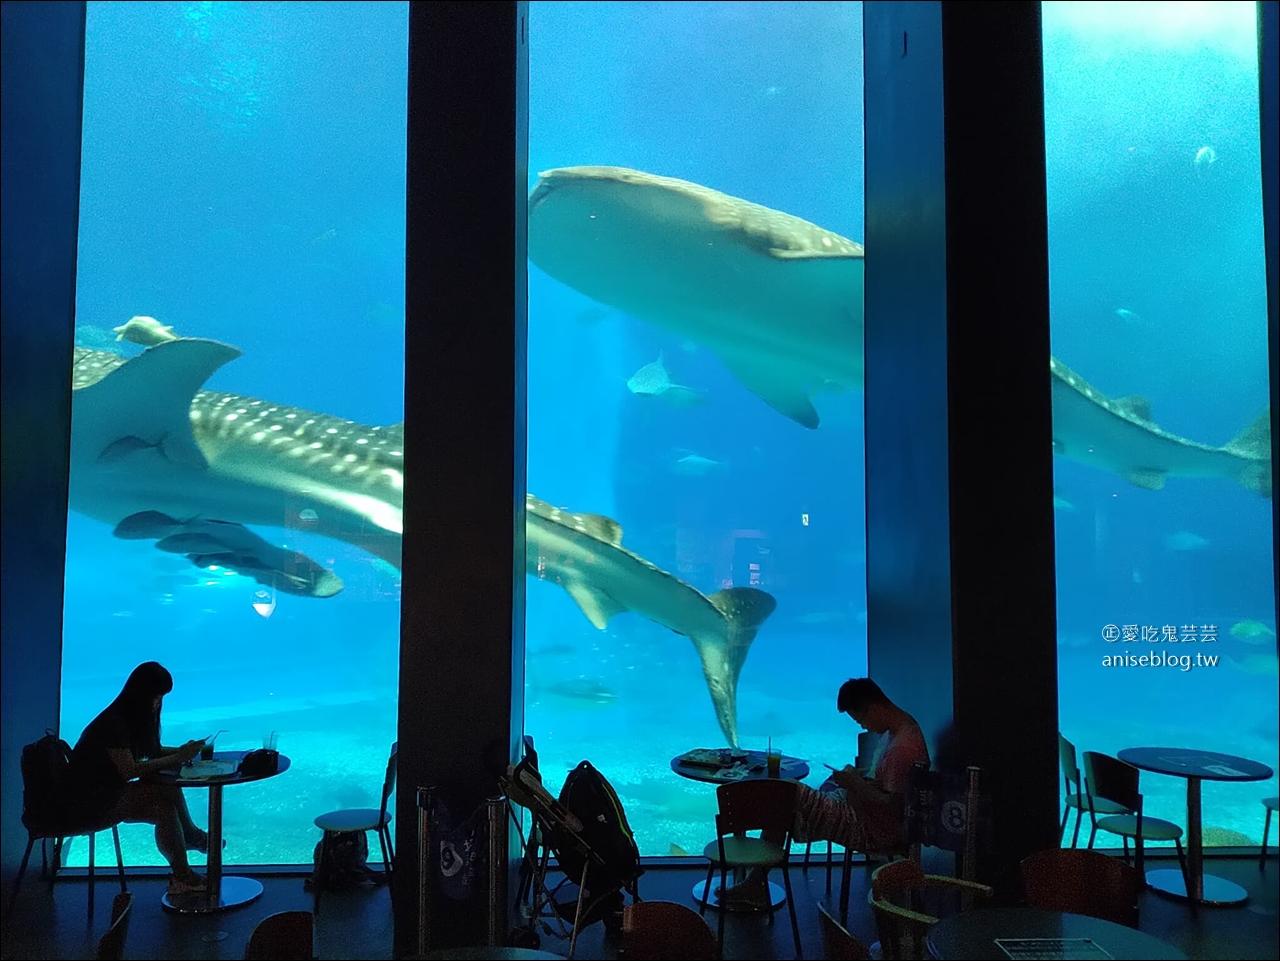 今日熱門文章:沖繩的美麗海水族館,超大鯨鯊池好療癒!